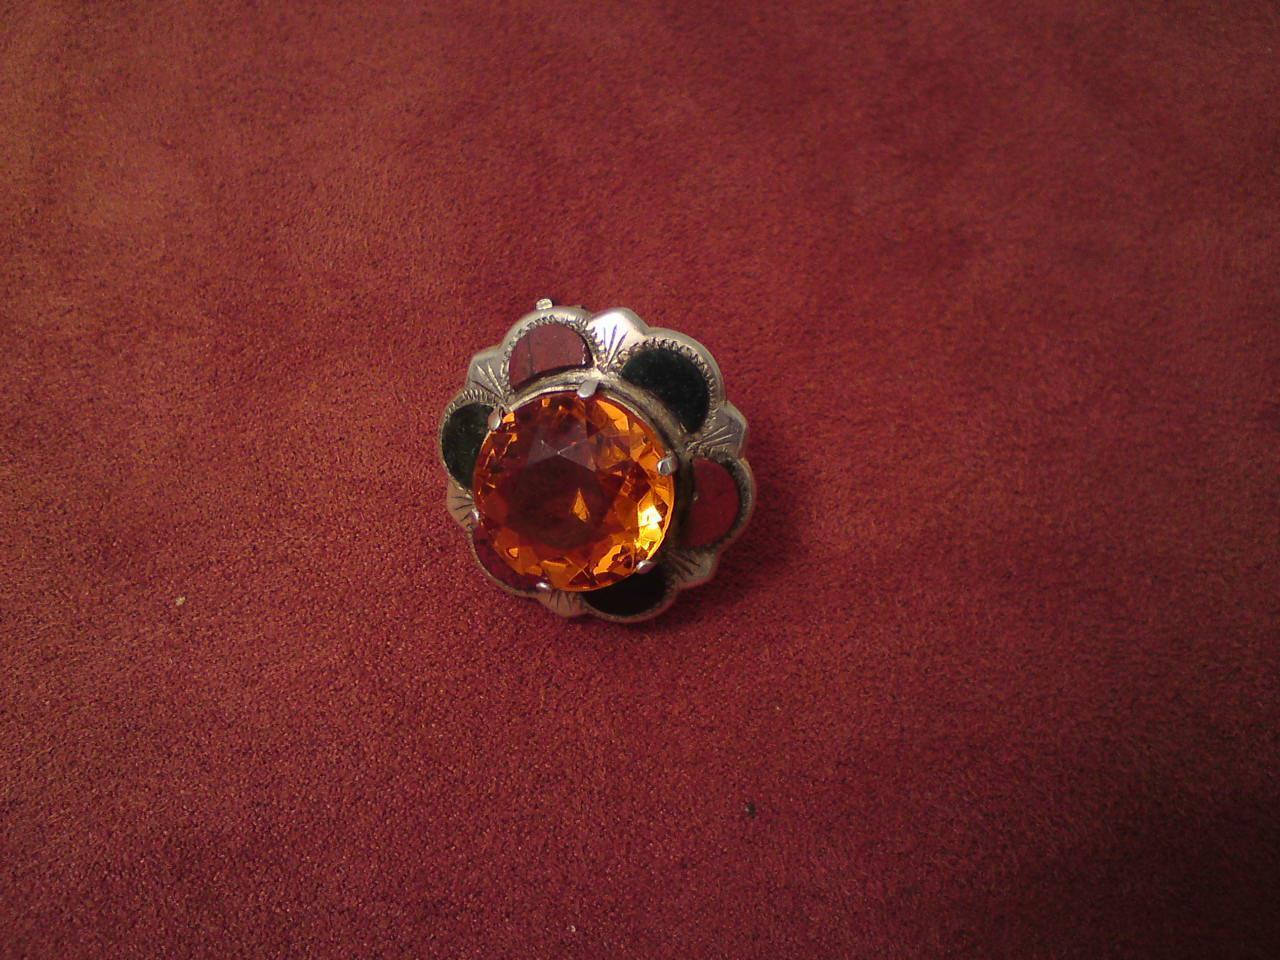 Antico Vittoriano argentoo Scozzese Agata Cairngorm Arancione TOPAZIO Spilla di di di vetro 9fc7de